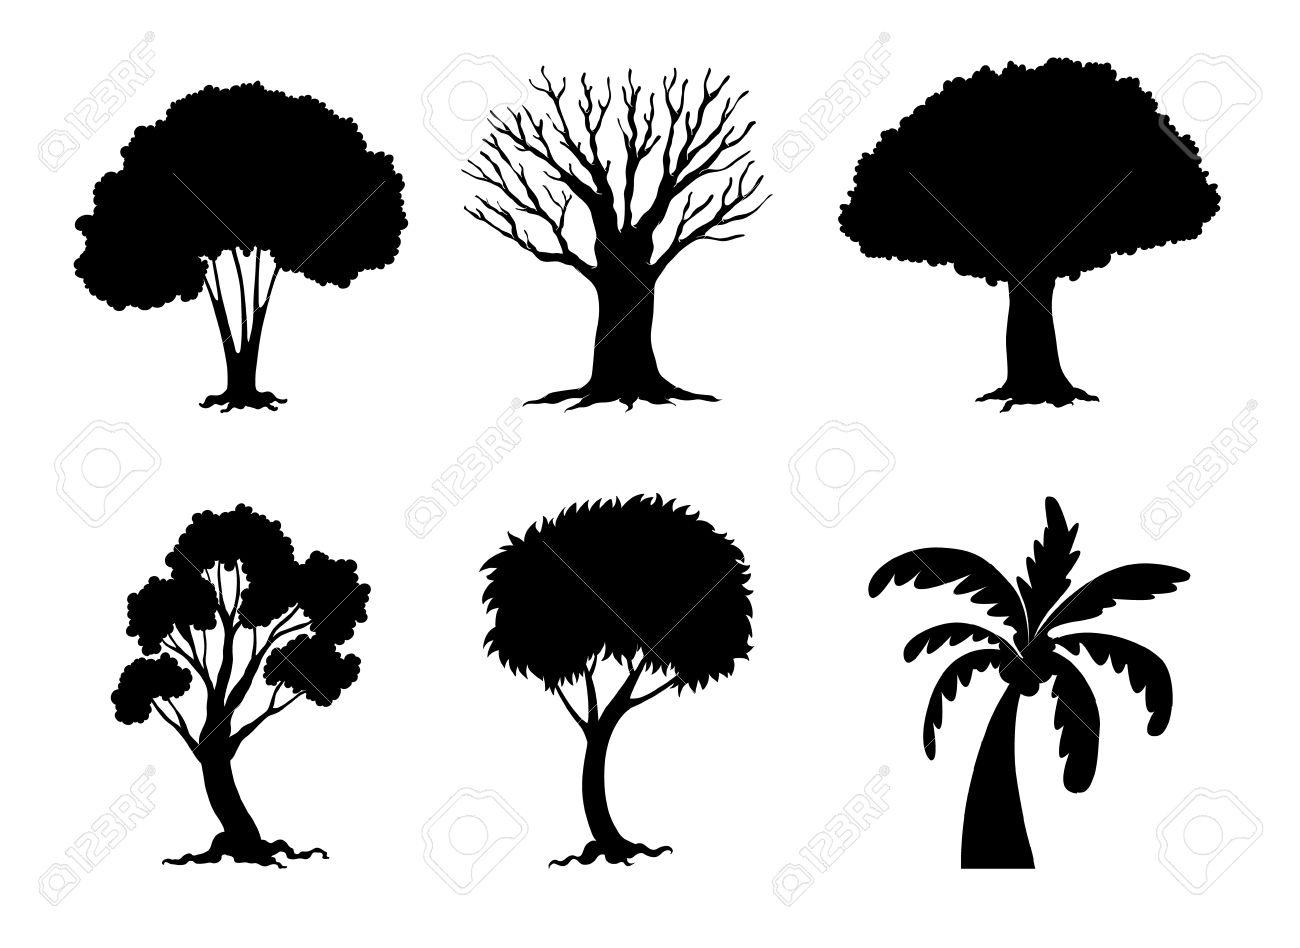 ilustración de siluetas de árboles y plantas ilustraciones